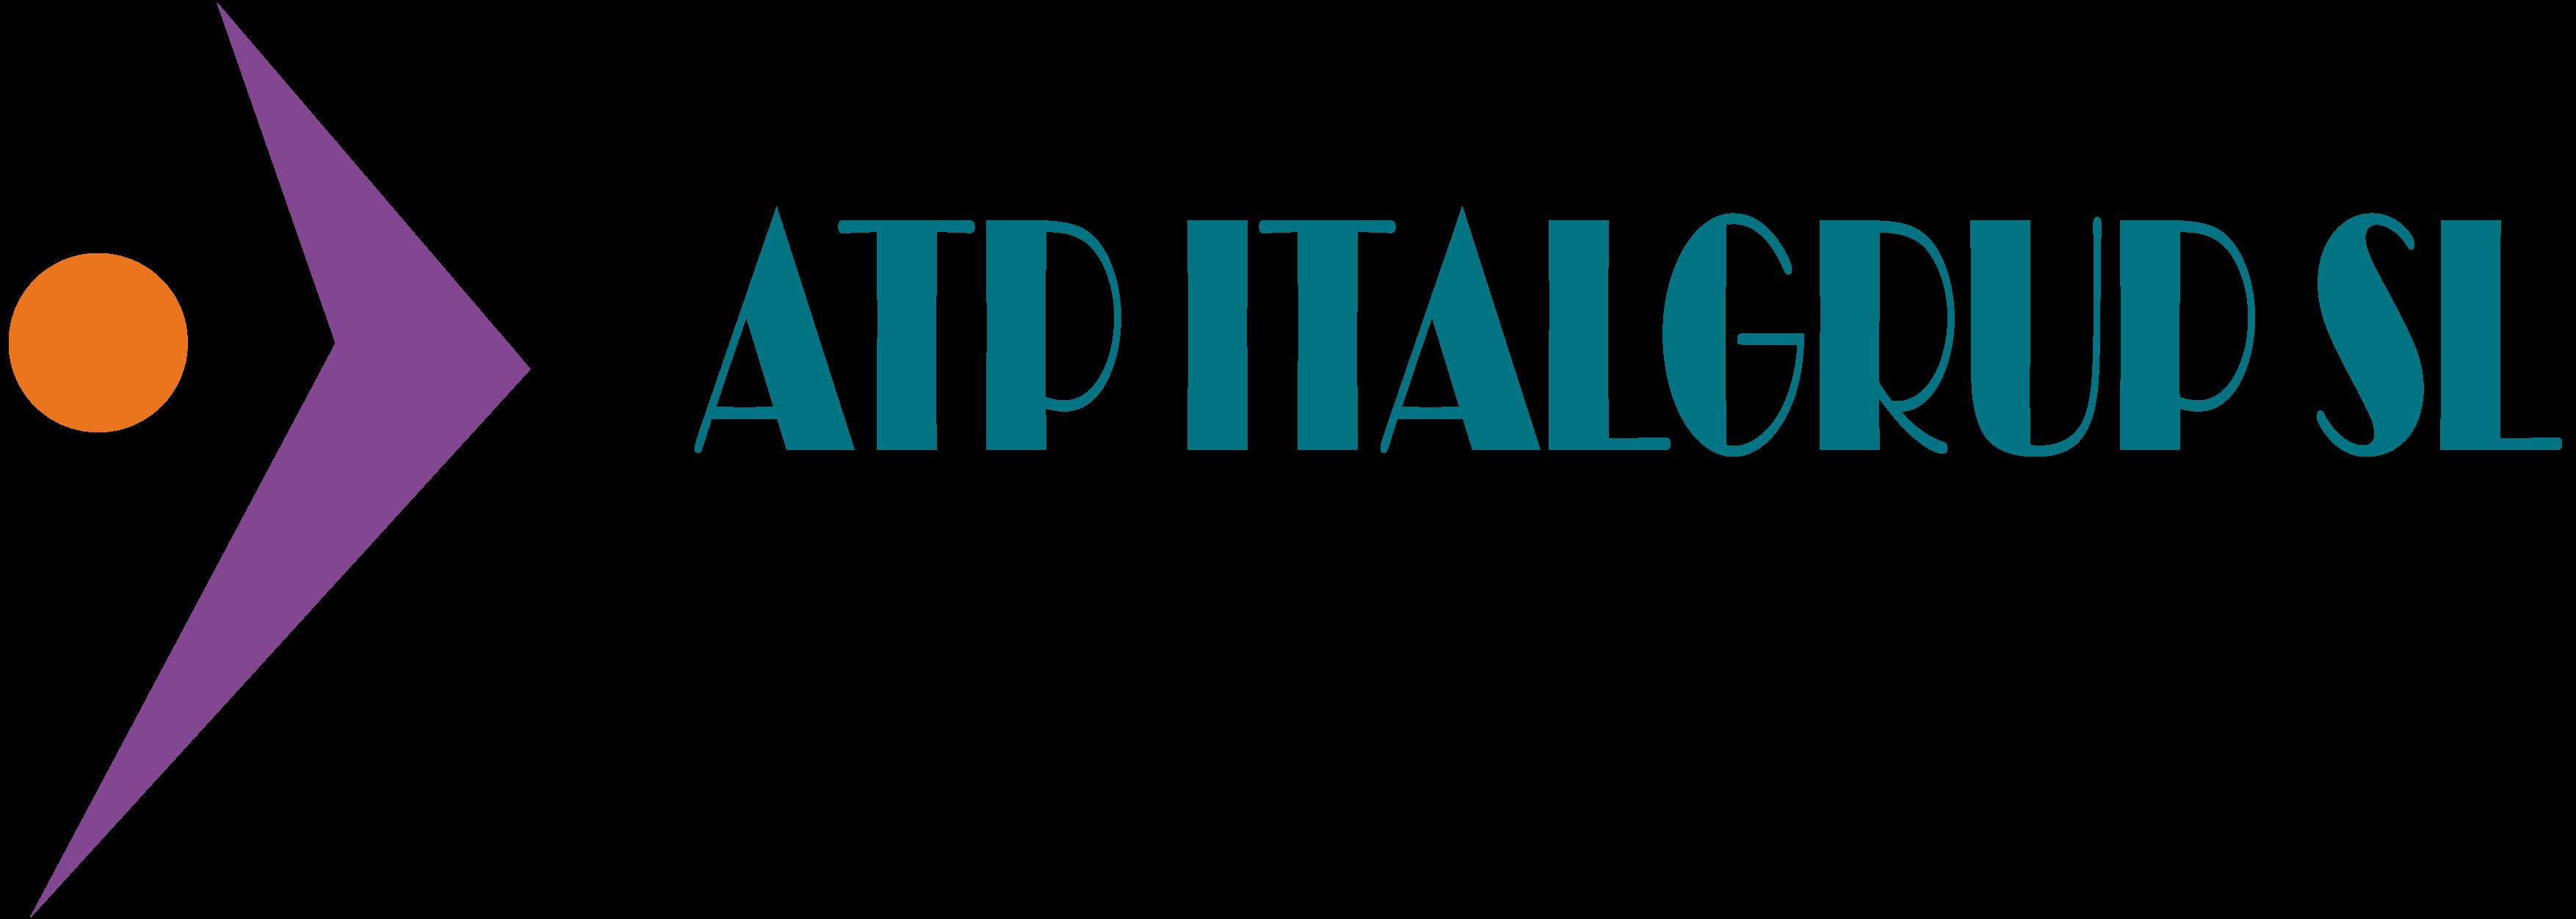 ATP ITALGRUP S.L.